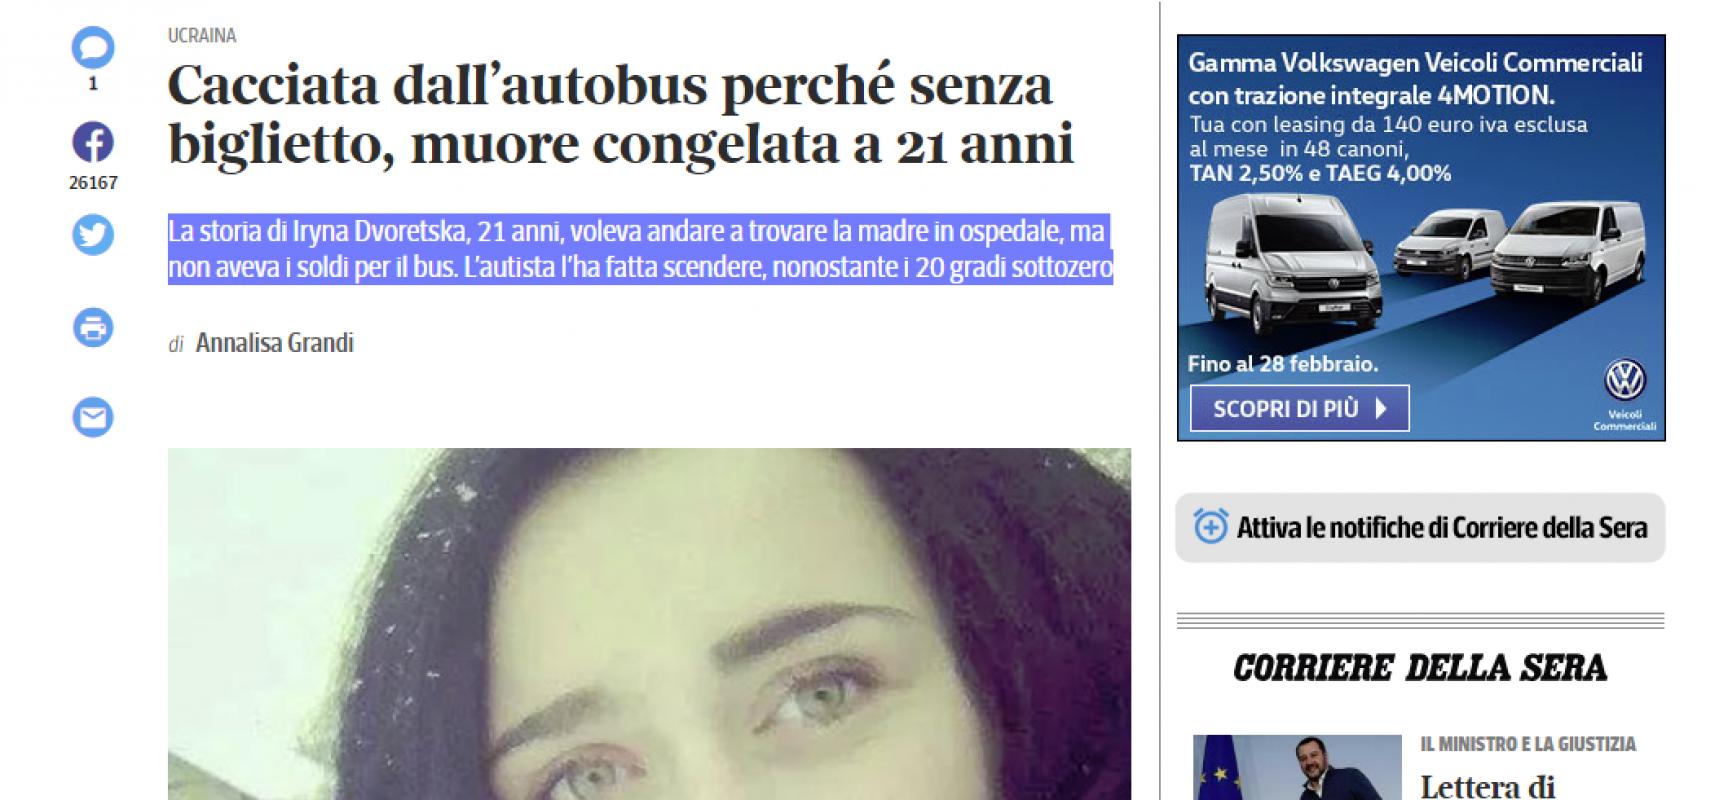 Misinformation del Corriere della Sera : La storia di Iryna Dvoretska